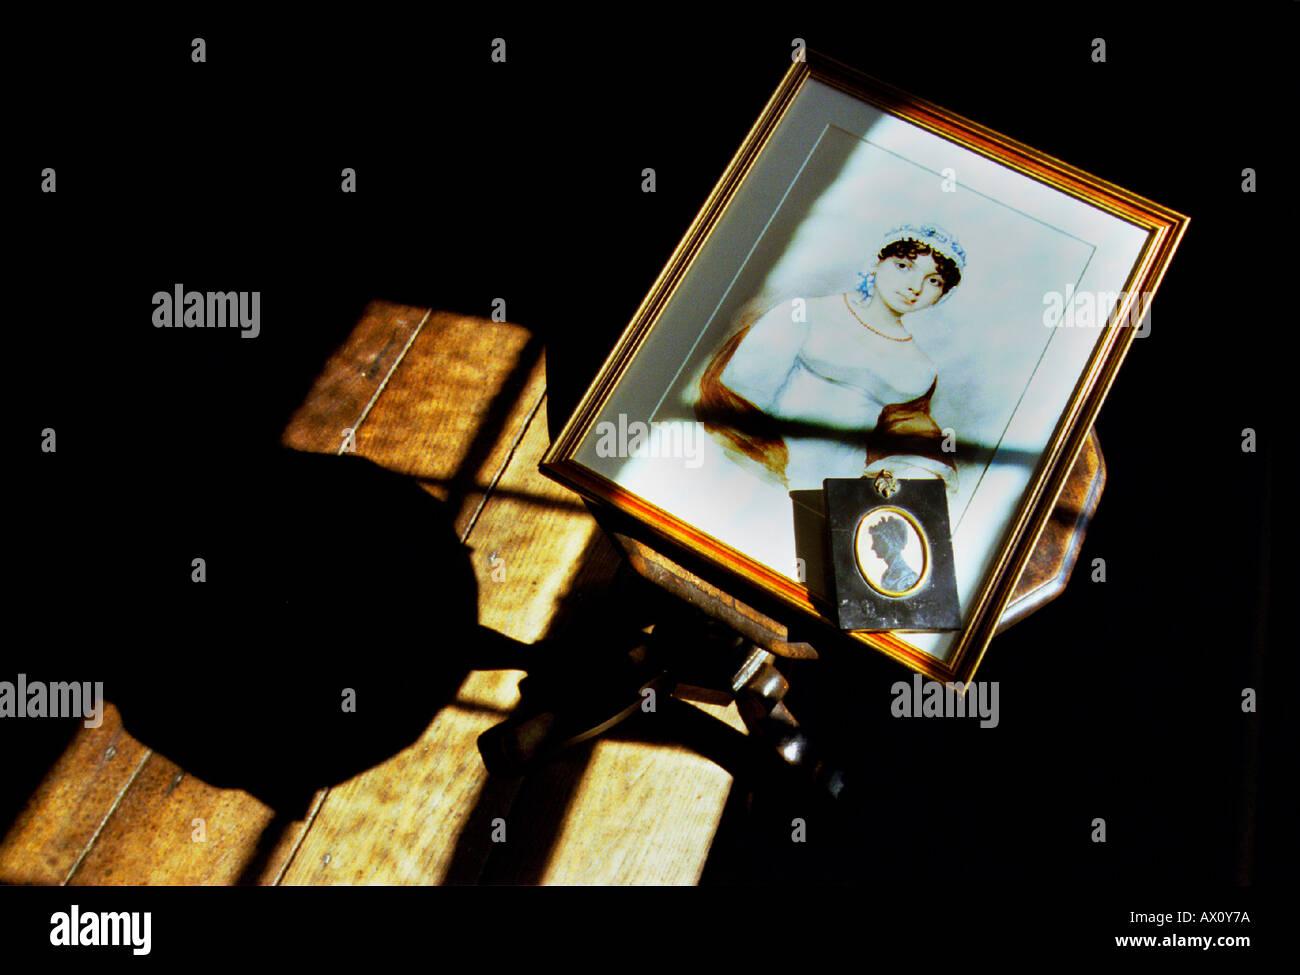 El único conocido retrato de la hermana de Jane Austen Cassandra en el museo de la Casa [de Jane Austen] Imagen De Stock